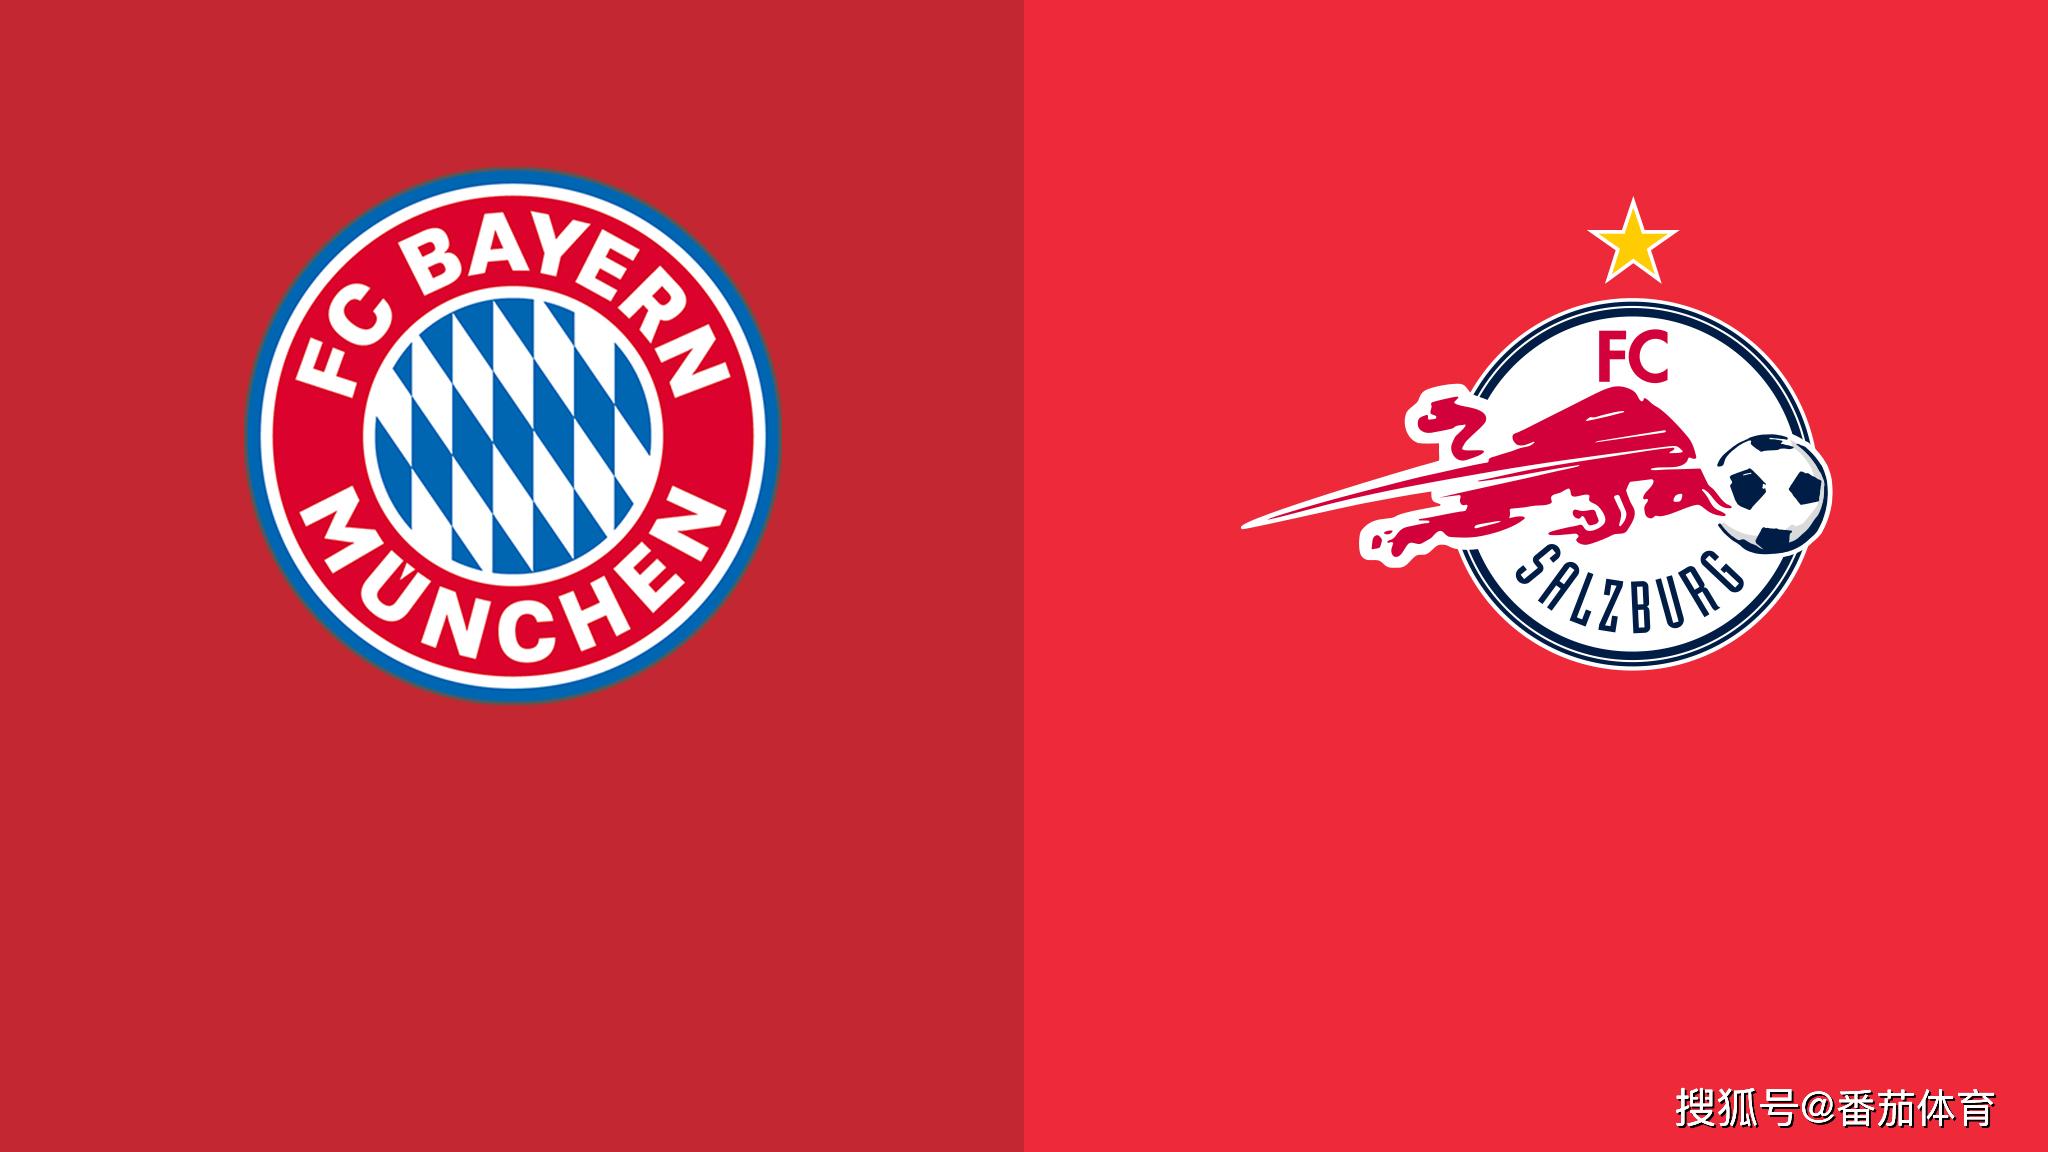 [欧冠杯]焦点解读:拜仁慕尼黑vs萨尔茨堡,拜仁势弗成挡